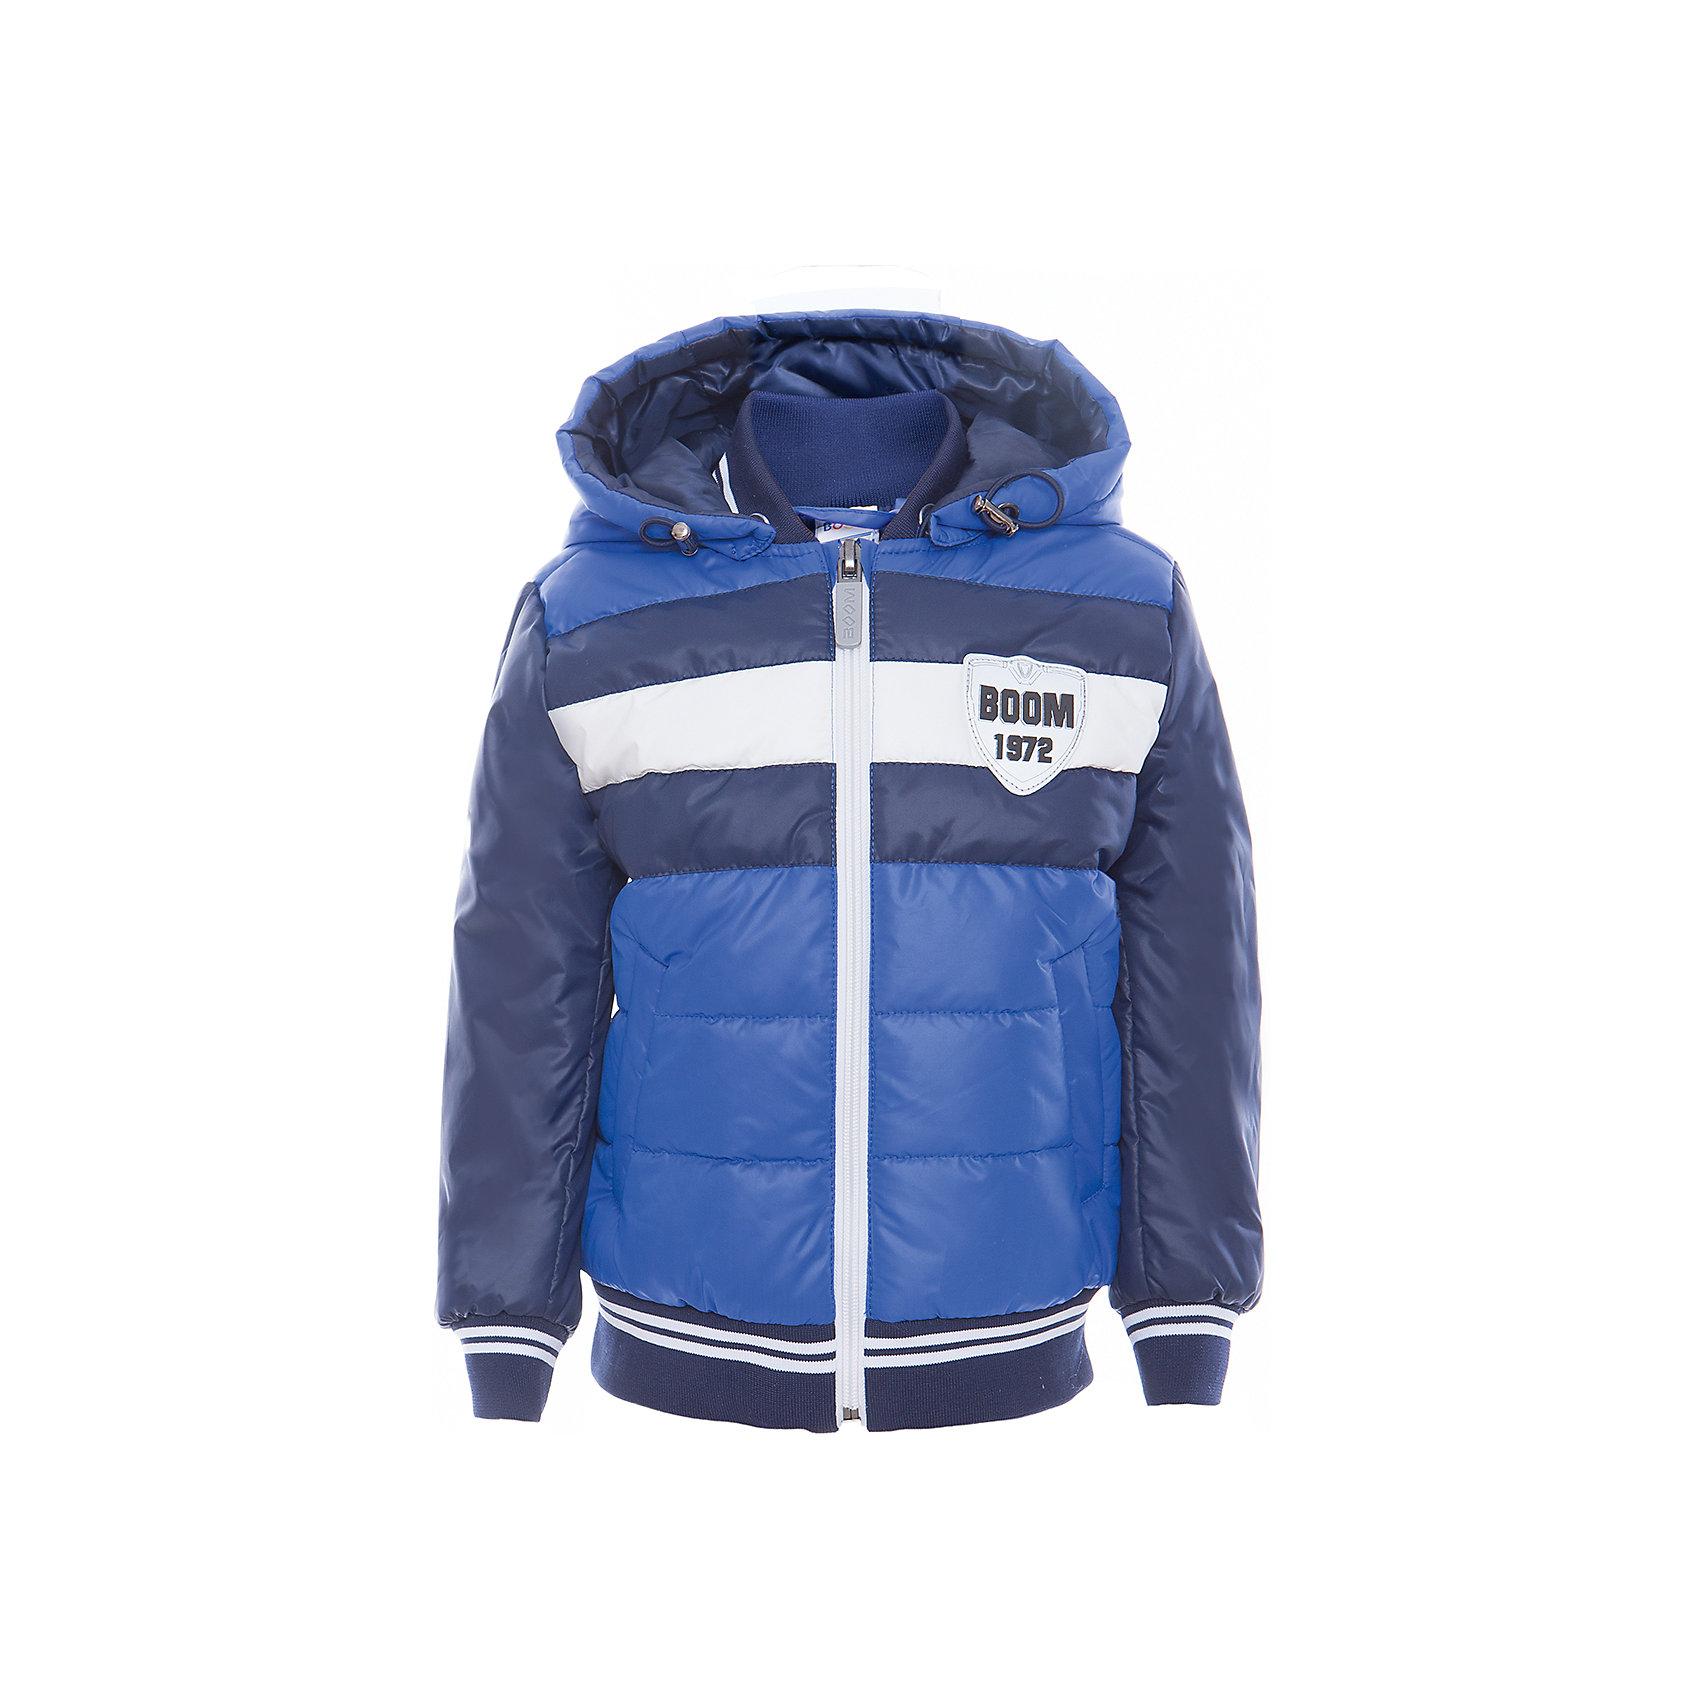 Куртка для мальчика BOOM by OrbyВерхняя одежда<br>Характеристики товара:<br><br>• цвет: синий<br>• состав: верх - таффета, болонь, подкладка - поликоттон, полиэстер, утеплитель: Flexy Fiber 150 г/м2<br>• температурный режим: от -5 С° до +10 С° <br>• капюшон<br>• застежка - молния<br>• эластичные манжеты<br>• стеганая<br>• декорирована нашивками<br>• комфортная посадка<br>• страна производства: Российская Федерация<br>• страна бренда: Российская Федерация<br>• коллекция: весна-лето 2017<br><br>Куртка-бомбер - универсальный вариант для межсезонья с постоянно меняющейся погодой. Эта модель - модная и удобная одновременно! Изделие отличается стильным ярким дизайном. Куртка хорошо сидит по фигуре, отлично сочетается с различным низом. Вещь была разработана специально для детей.<br><br>Одежда от российского бренда BOOM by Orby уже завоевала популярностью у многих детей и их родителей. Вещи, выпускаемые компанией, качественные, продуманные и очень удобные. Для производства коллекций используются только безопасные для детей материалы. Спешите приобрести модели из новой коллекции Весна-лето 2017! <br><br>Куртку для мальчика от бренда BOOM by Orby можно купить в нашем интернет-магазине.<br><br>Ширина мм: 356<br>Глубина мм: 10<br>Высота мм: 245<br>Вес г: 519<br>Цвет: синий<br>Возраст от месяцев: 12<br>Возраст до месяцев: 18<br>Пол: Мужской<br>Возраст: Детский<br>Размер: 86,164,170,104,92,98,110,116,122,128,134,140,146,152,158<br>SKU: 5343422